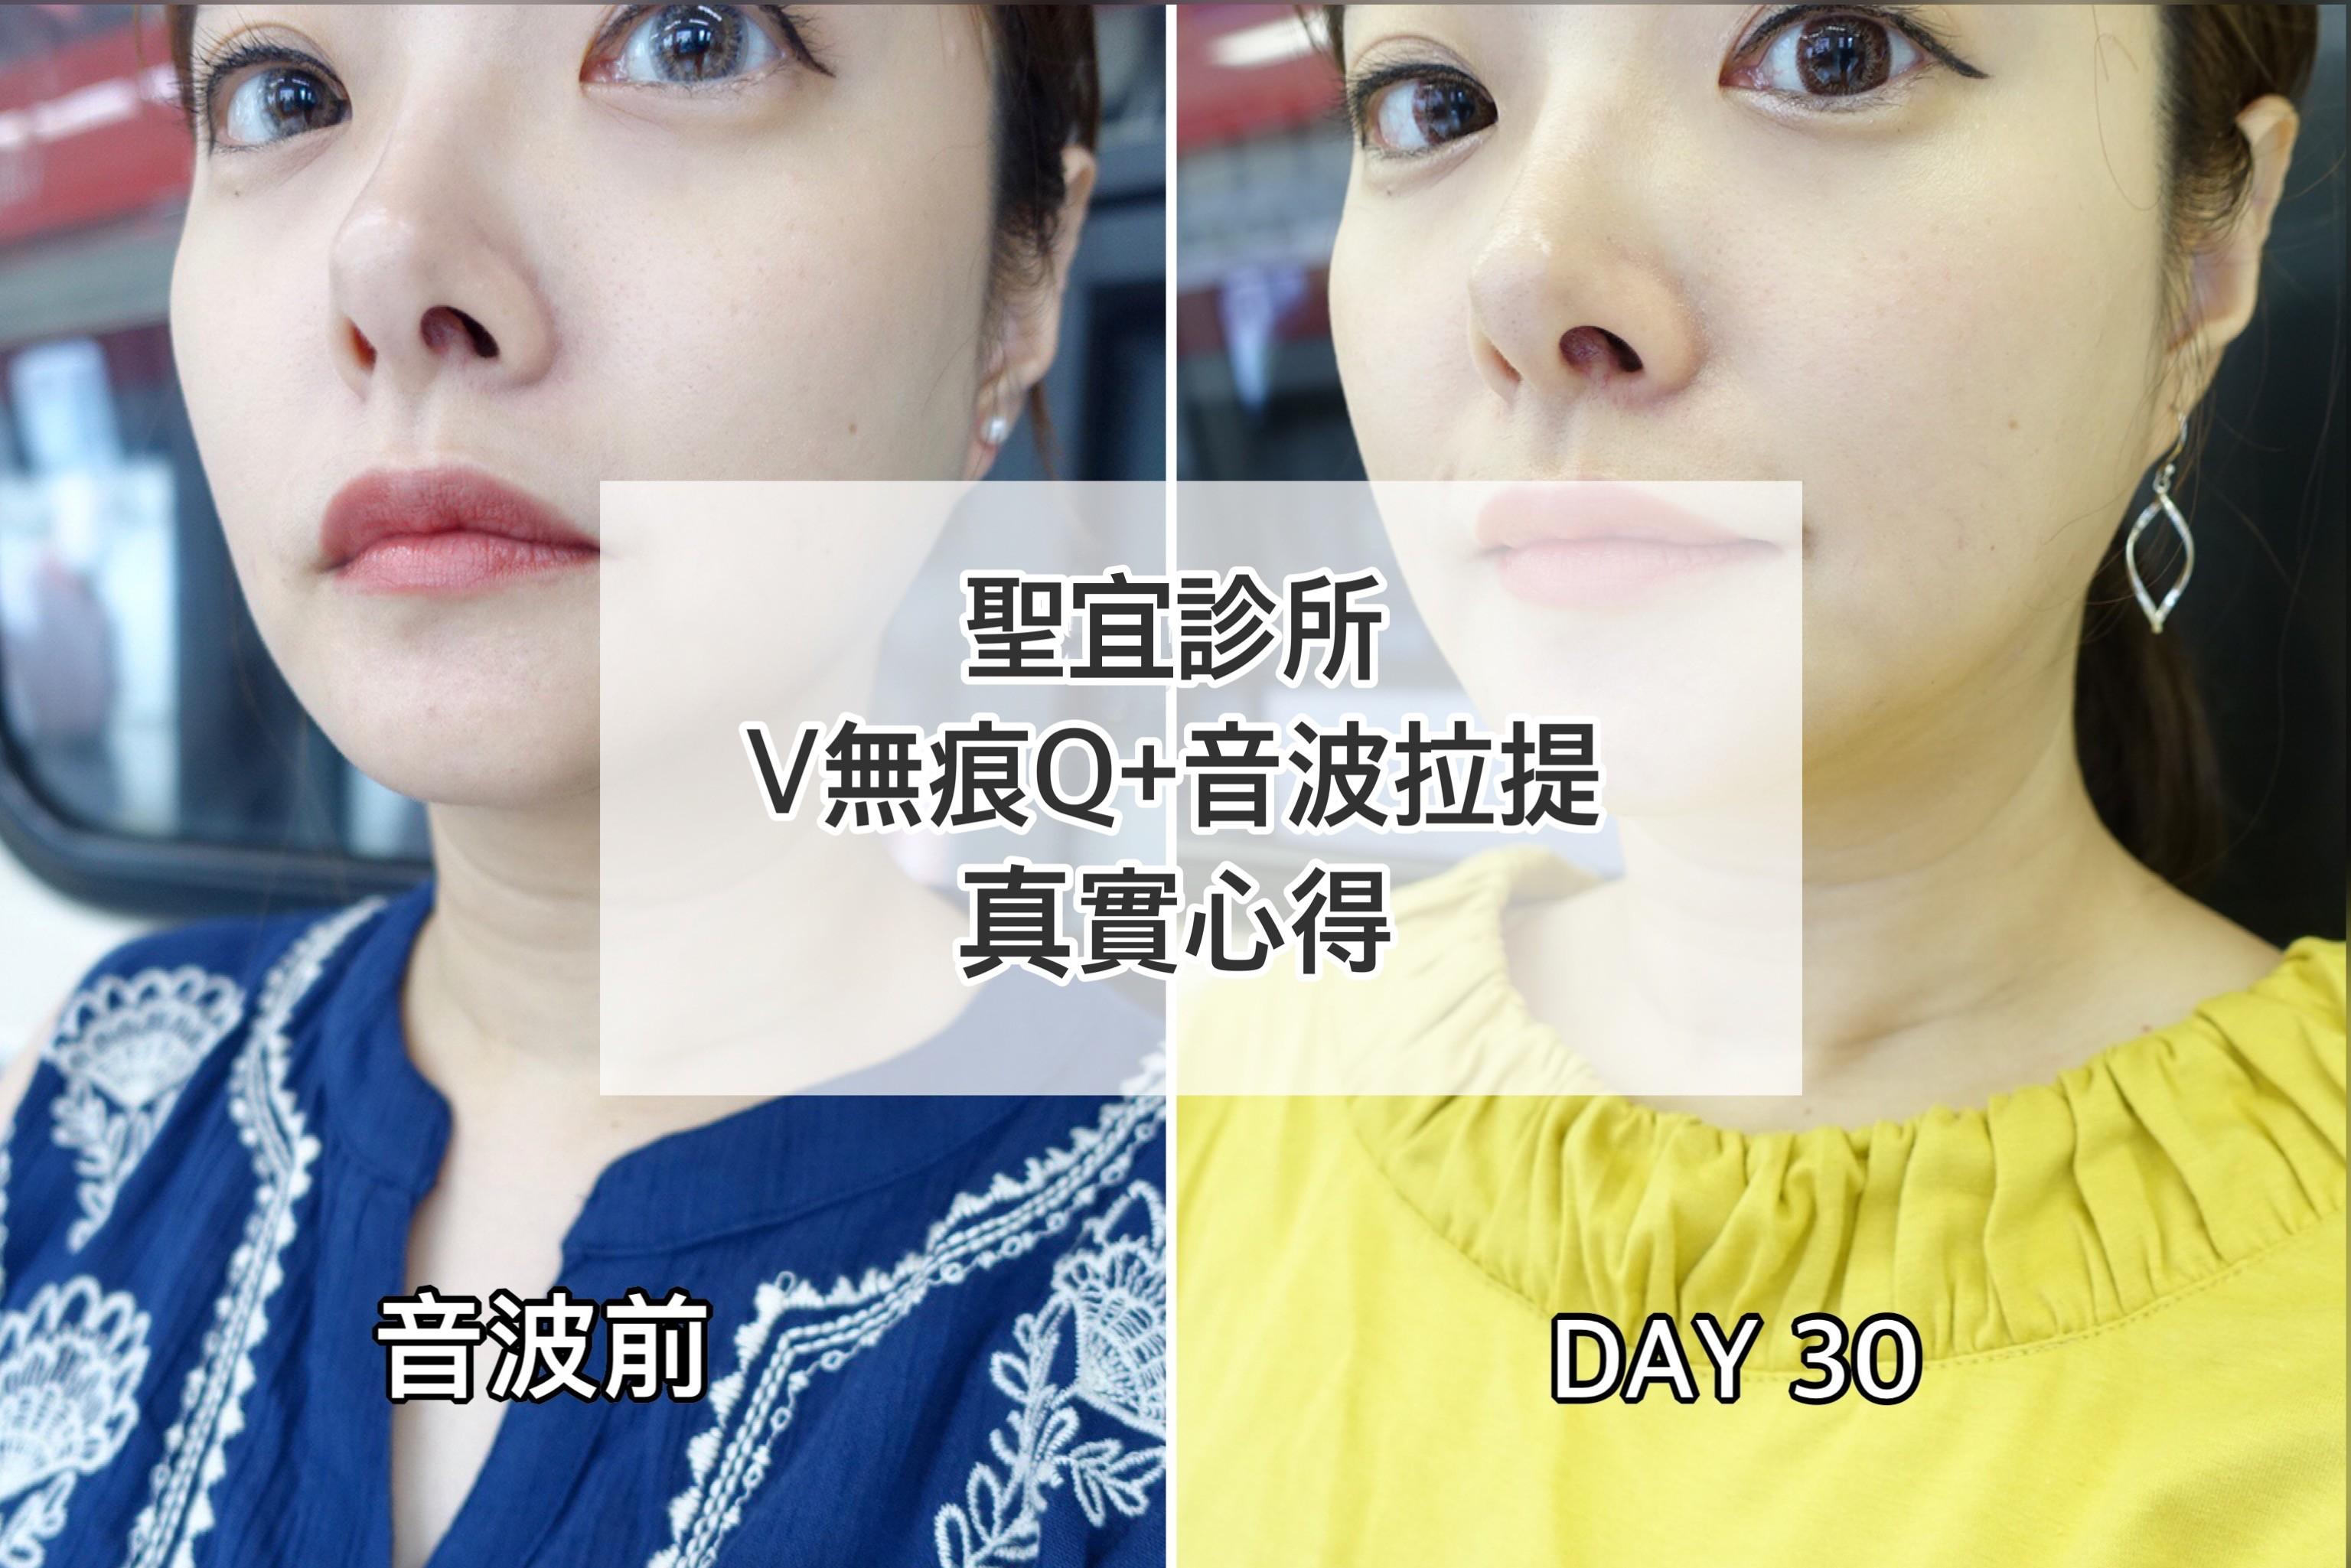 即時熱門文章:☆【醫美】聖宜診所-V無痕Q+音波拉提全記錄